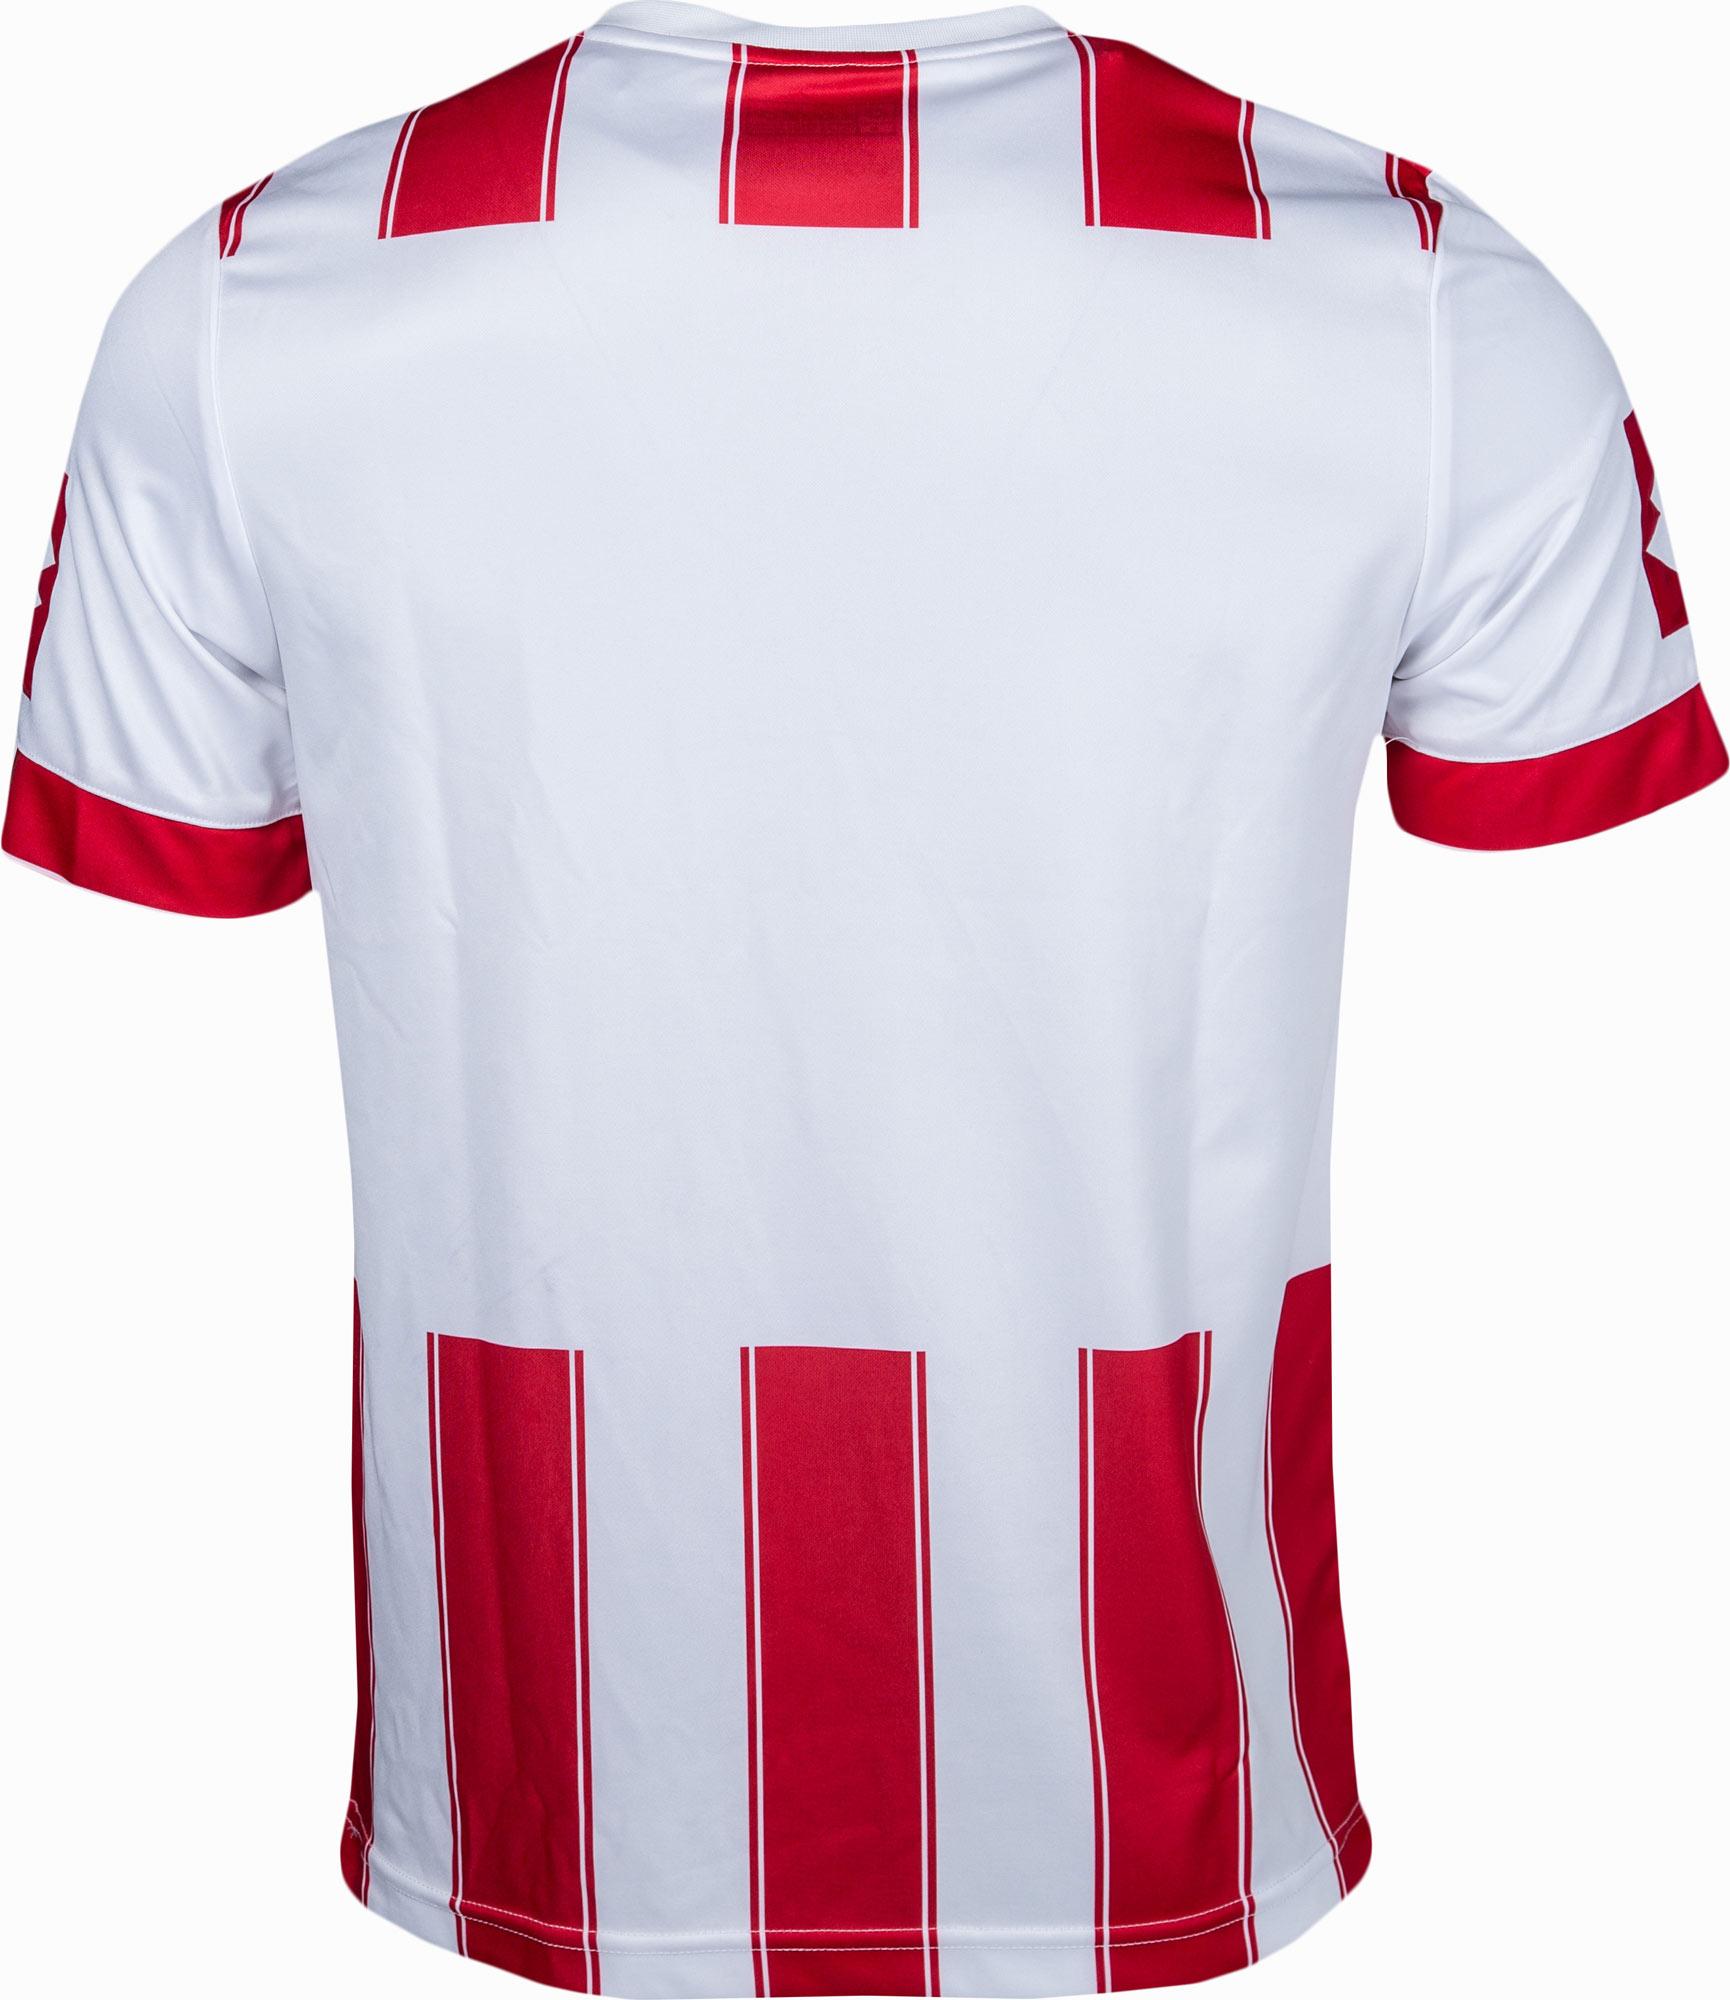 JERSEY VERTIGO EVO JR - Dětský fotbalový dres